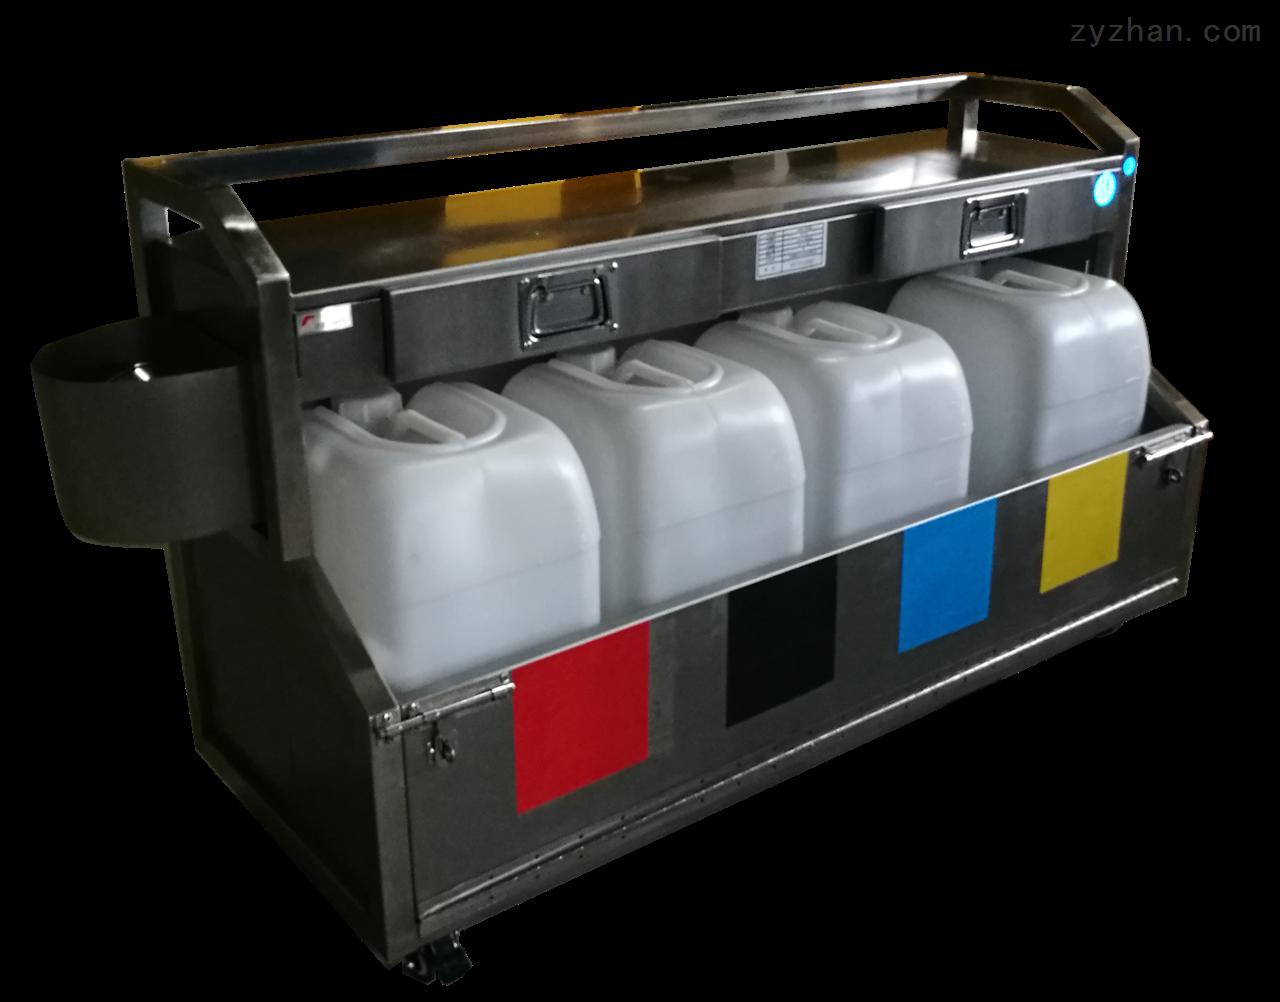 BC-FY4T移动式废液暂存柜供应